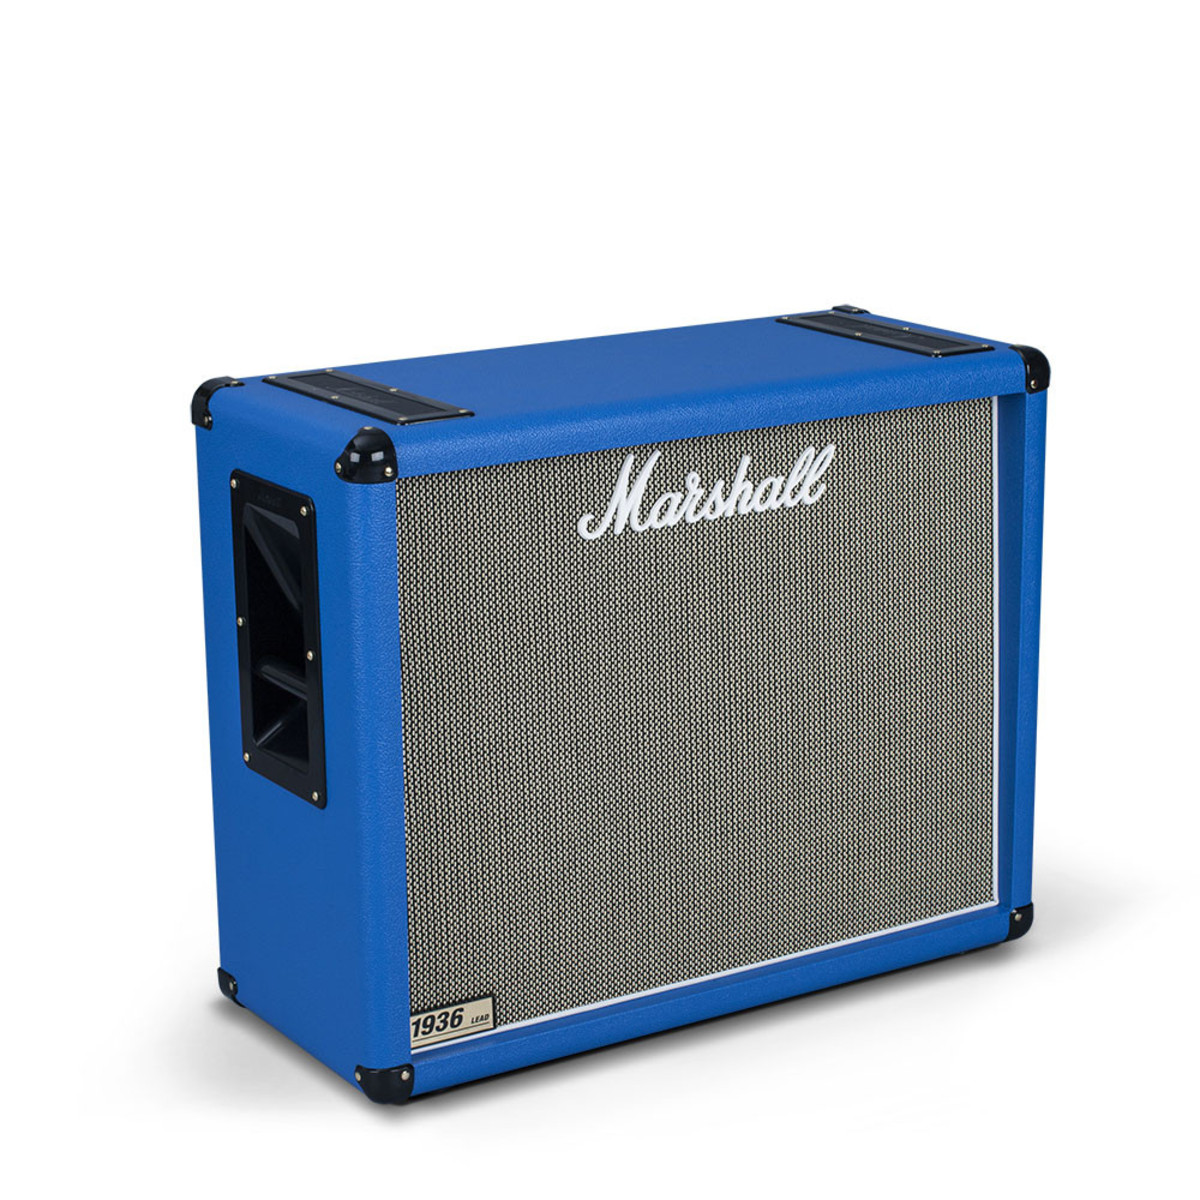 marshall 1936 2x12 39 39 guitar speaker cab regency blue at. Black Bedroom Furniture Sets. Home Design Ideas